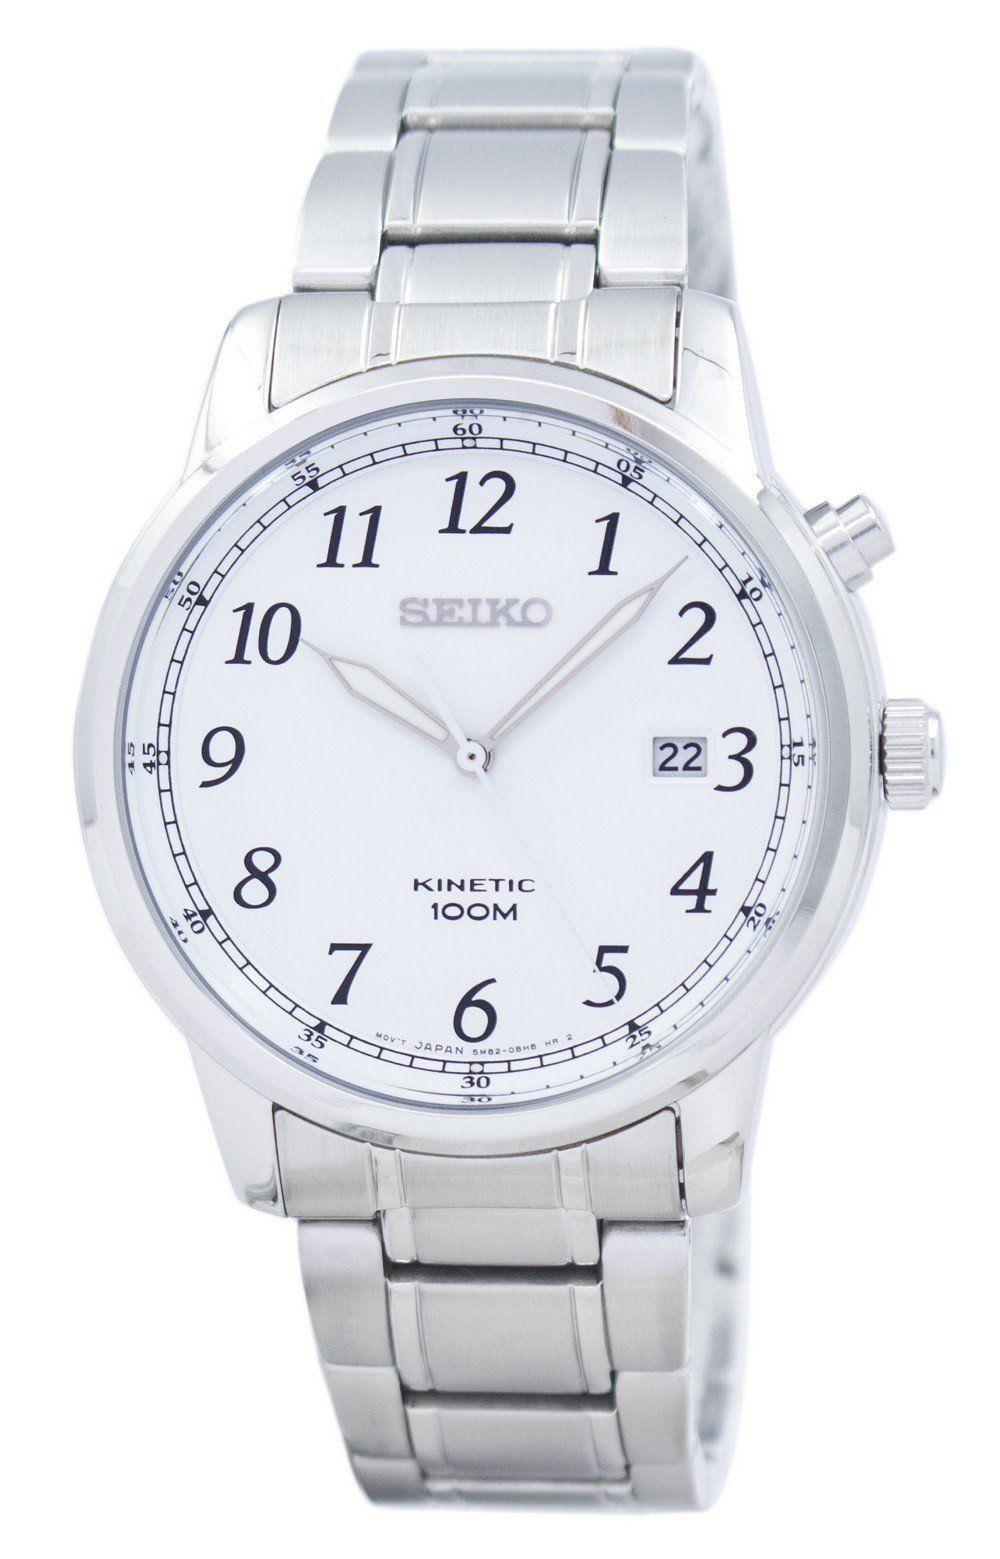 นาฬิกาผู้ชาย Seiko รุ่น SKA775P1, Kinetic